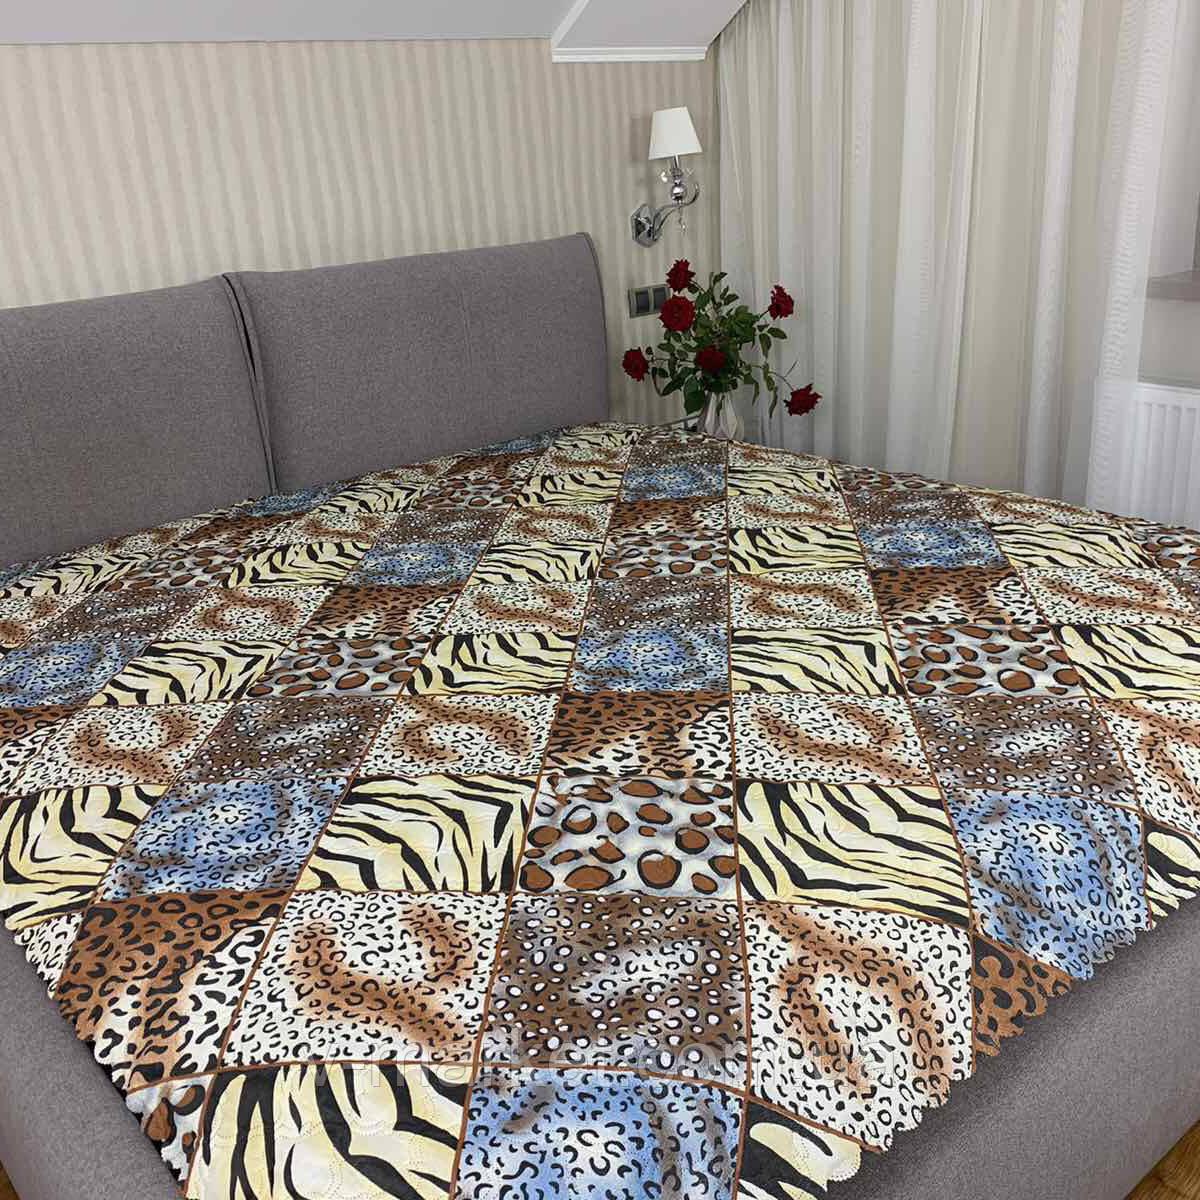 """Летнее одеяло покрывало """"Абстракция"""" евро размер, 195/205"""